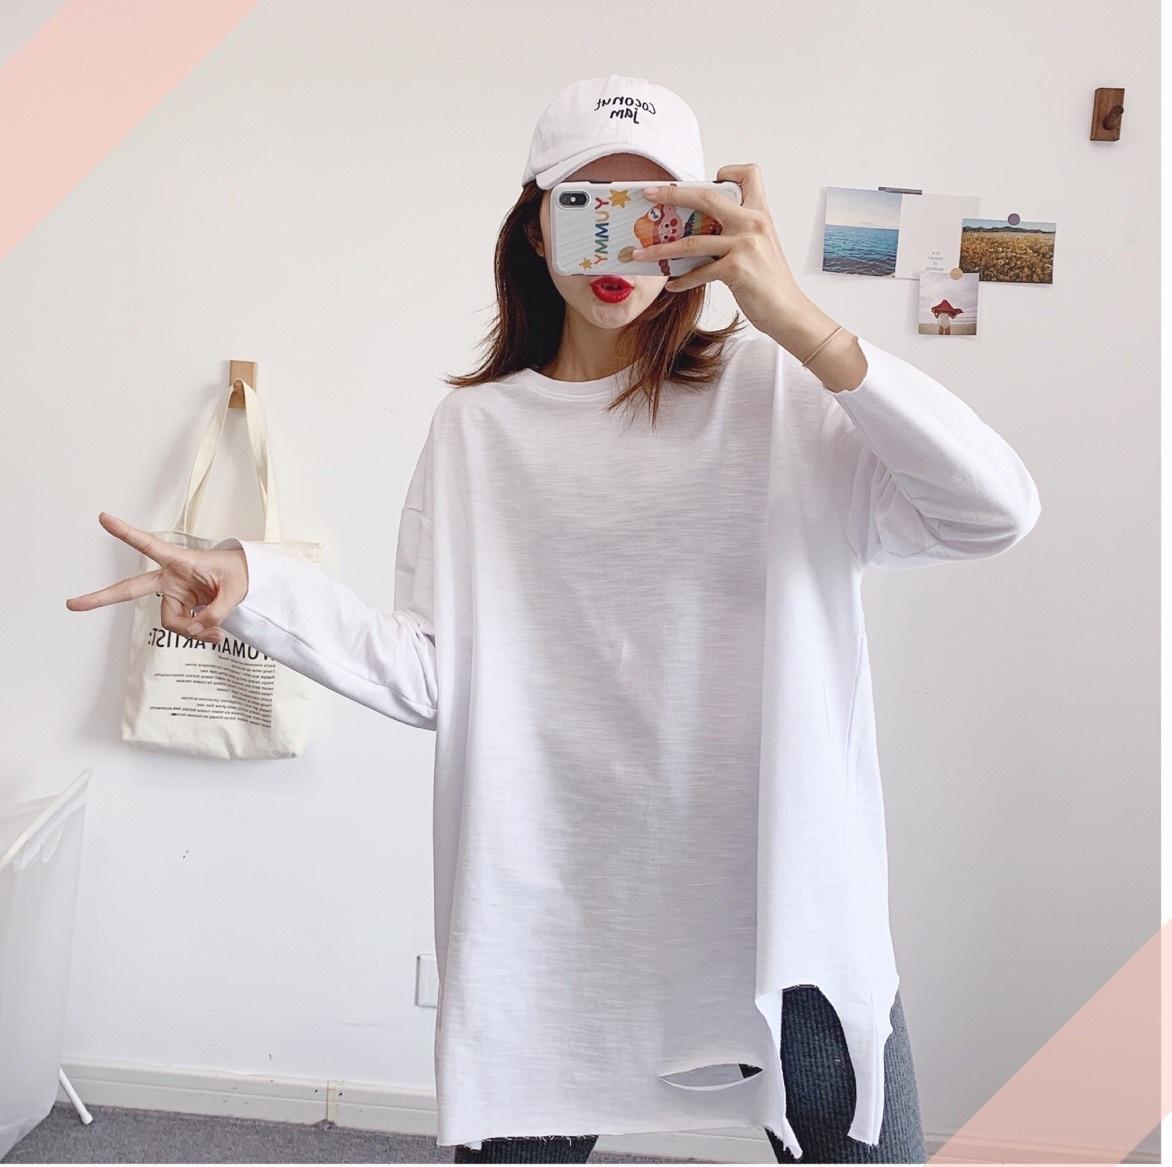 IxIOi diritta 2020 autunno cotone nuovo ringrosso versatile base T-shirt bianco donne baselong allentata baset-camicia della base lungo manicotto WN5Il grande WN5Il m